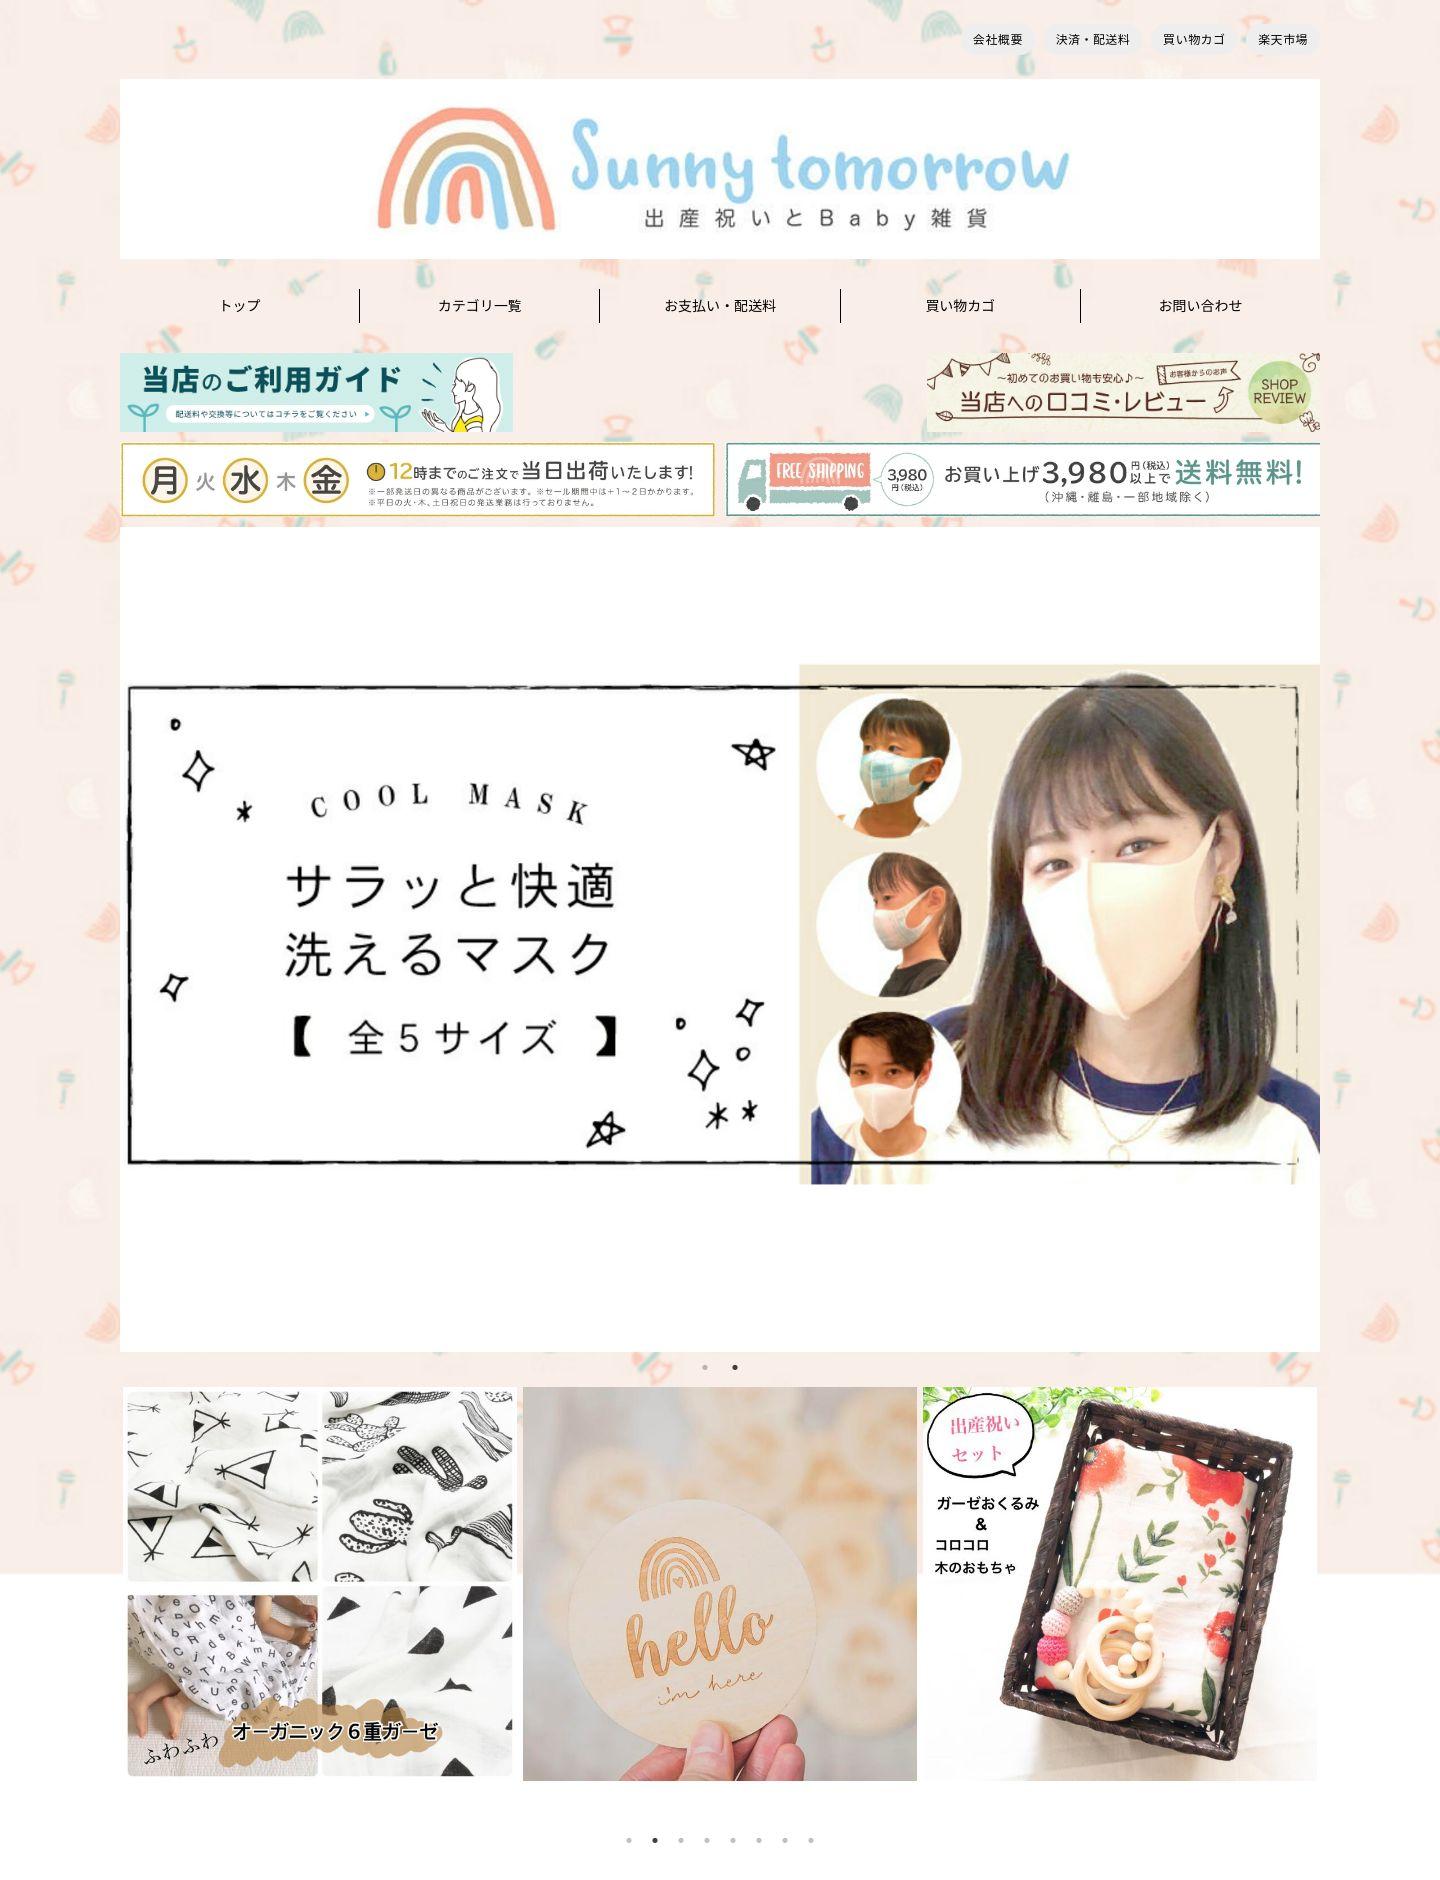 出産祝いとBaby雑貨Sunny tomorrow様 サイト画像